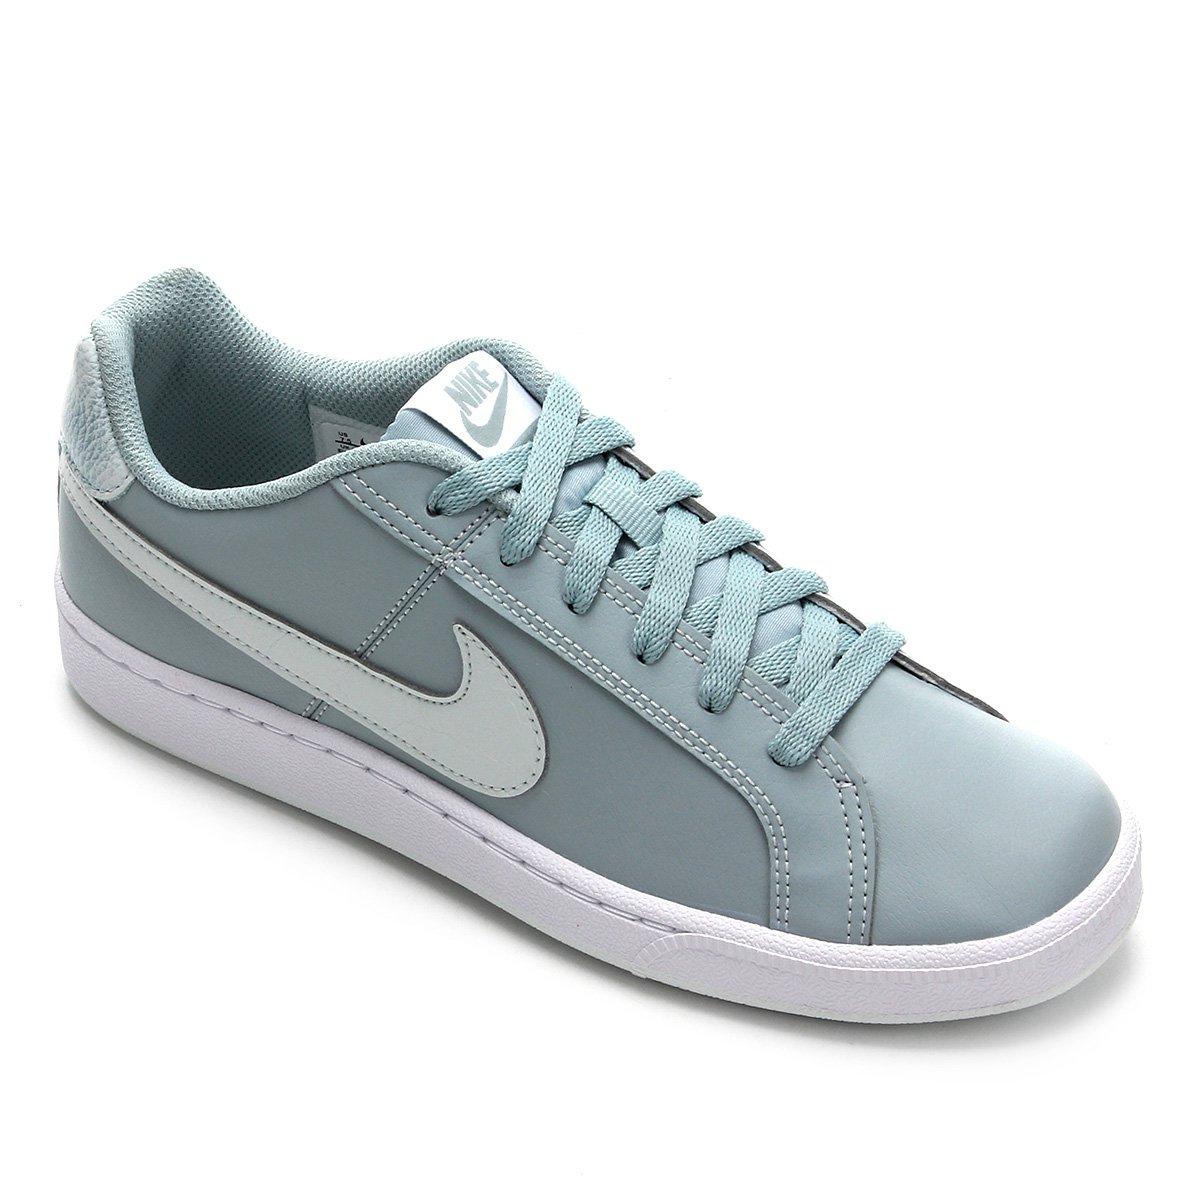 reputación confiable tienda oficial sombras de Tênis Nike Court Royale Couro Feminino - Azul e Branco | Zattini